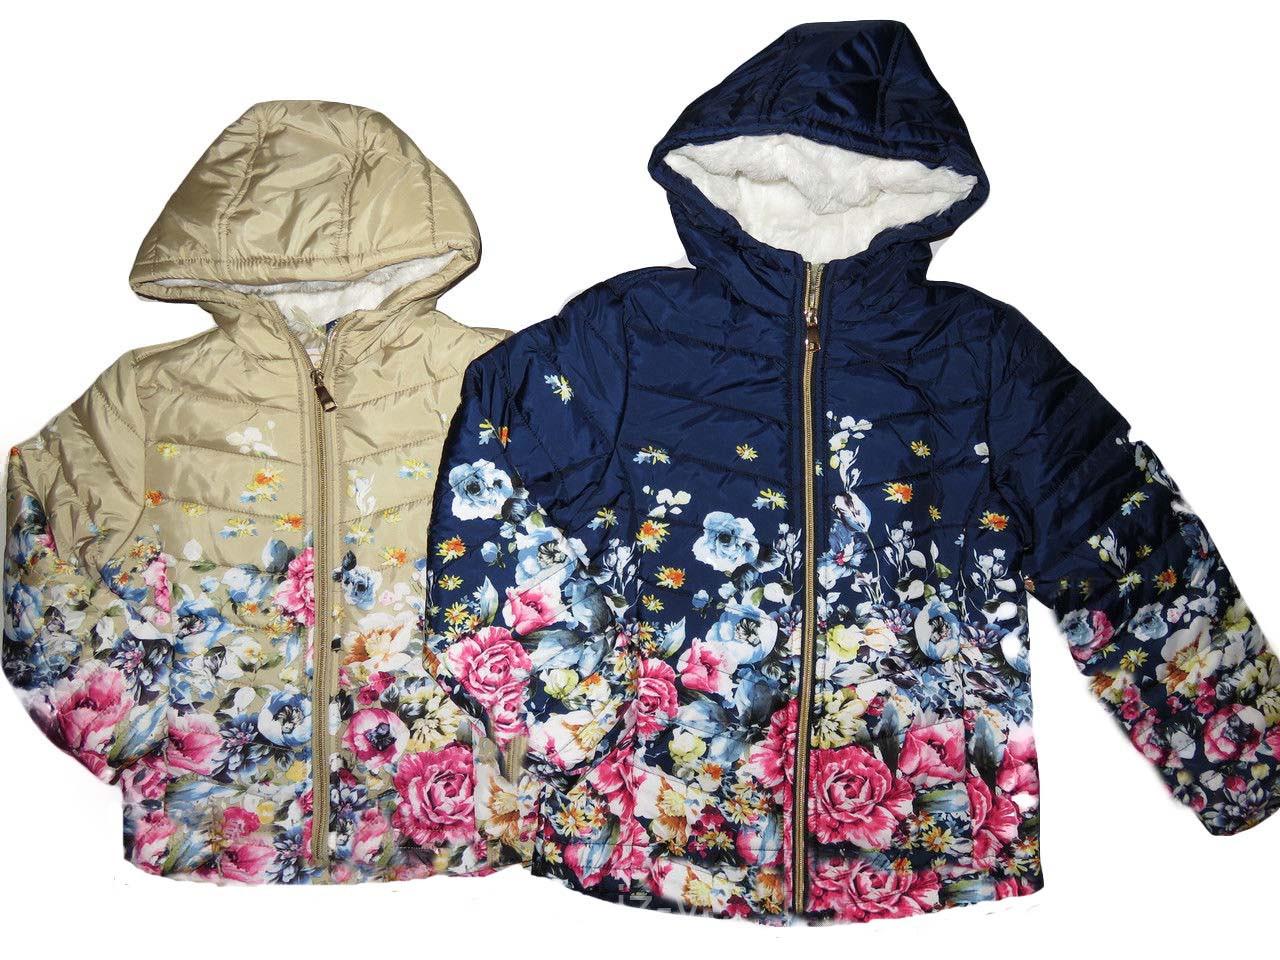 Куртка демисезонная для девочек на синтепоне, размеры ,8, лет, F&D, арт. YY-2935